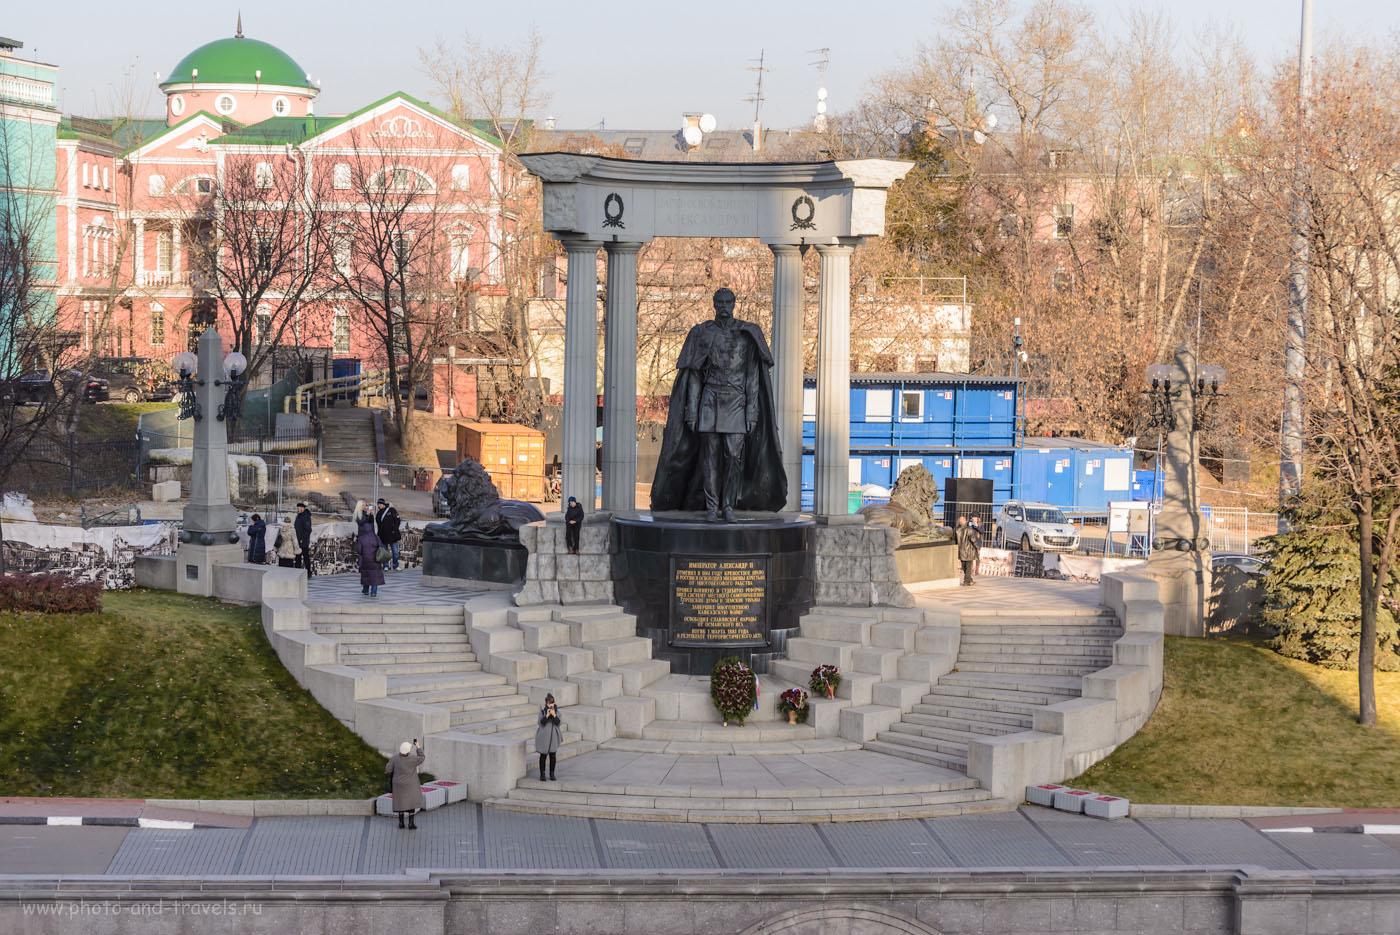 Фото 13. Царь Александр II в 1861 году отменил рабство в России… через 901 год после его запрета в Венеции (в 960 году нашей эры). Прогулка по достопримечательностям в центре Москвы.